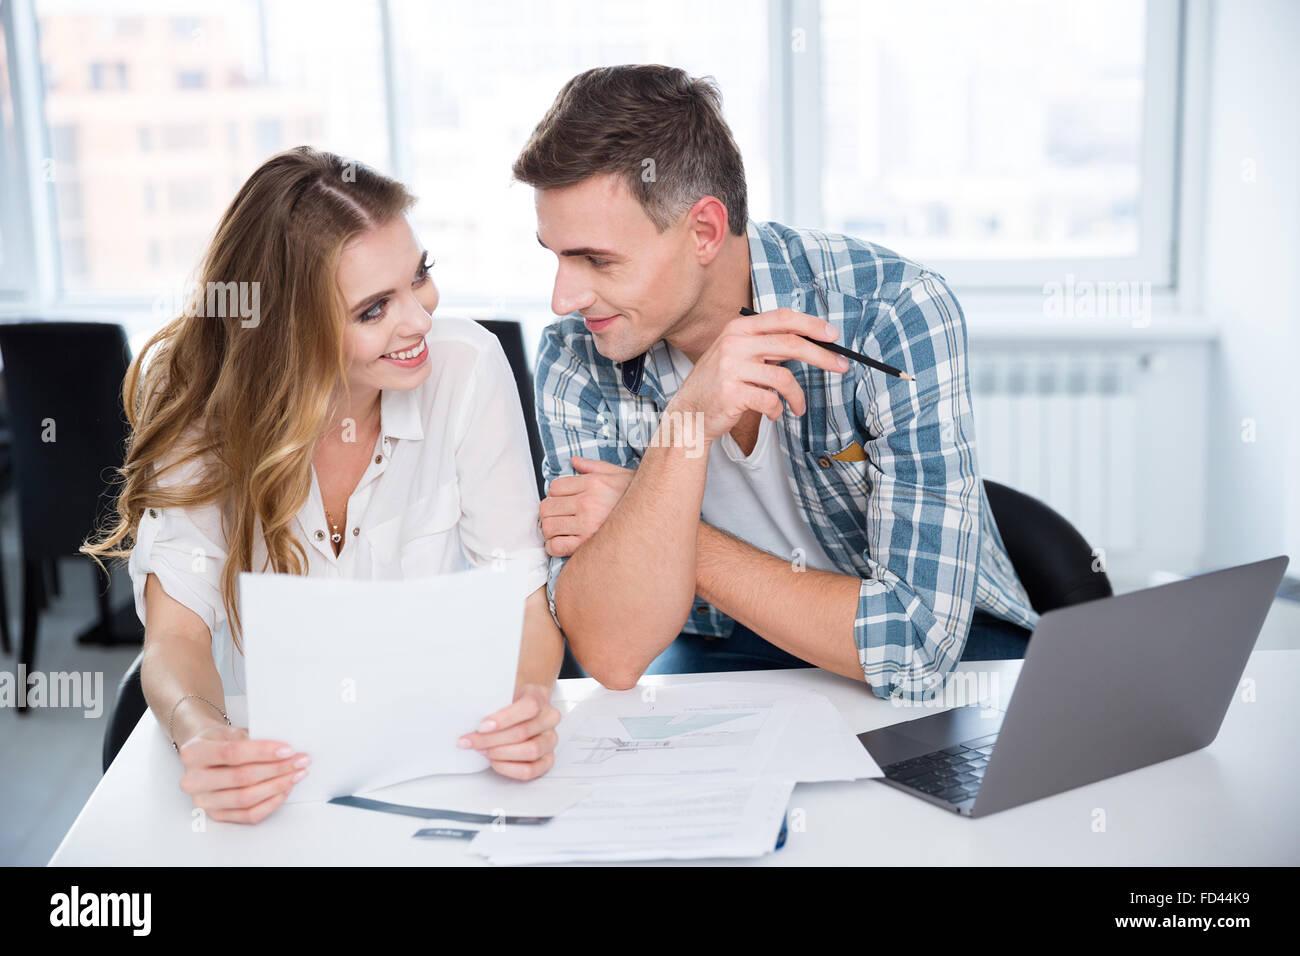 Alegre hombre y mujer trabajando y el coqueteo en reunión de negocios Imagen De Stock